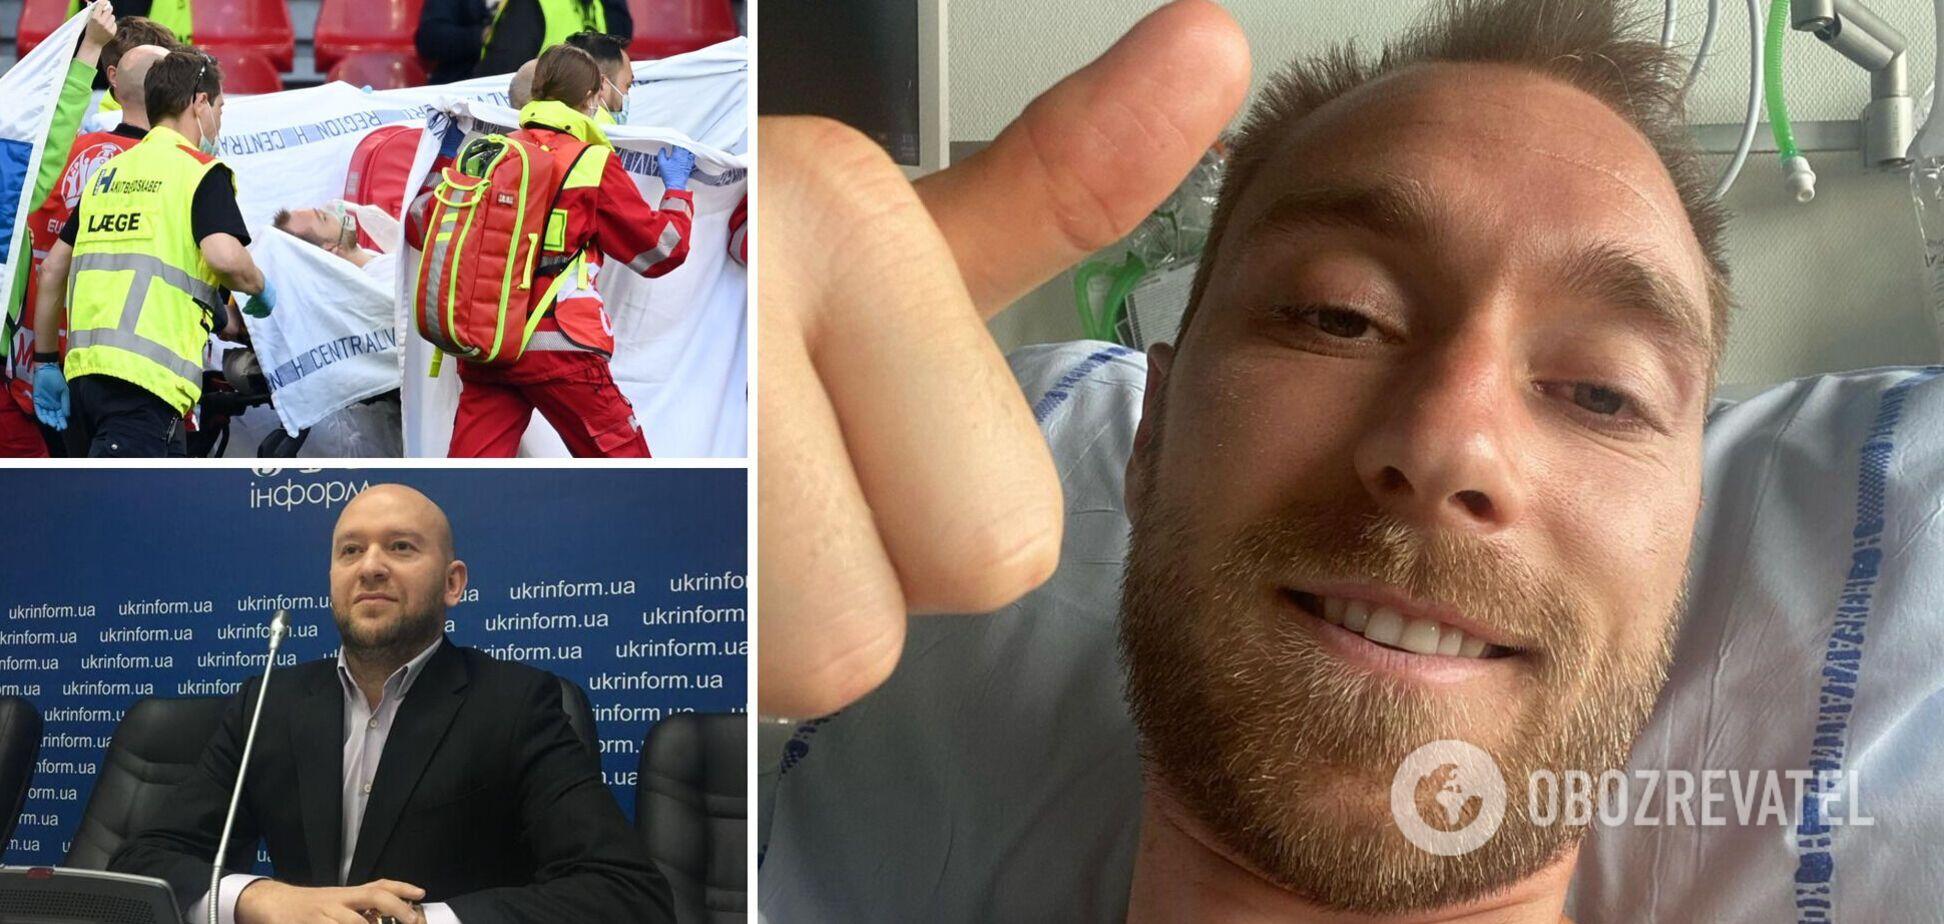 Евро-2020: эксперт объяснил, как и почему удалось спасти жизнь капитана Дании Эриксена